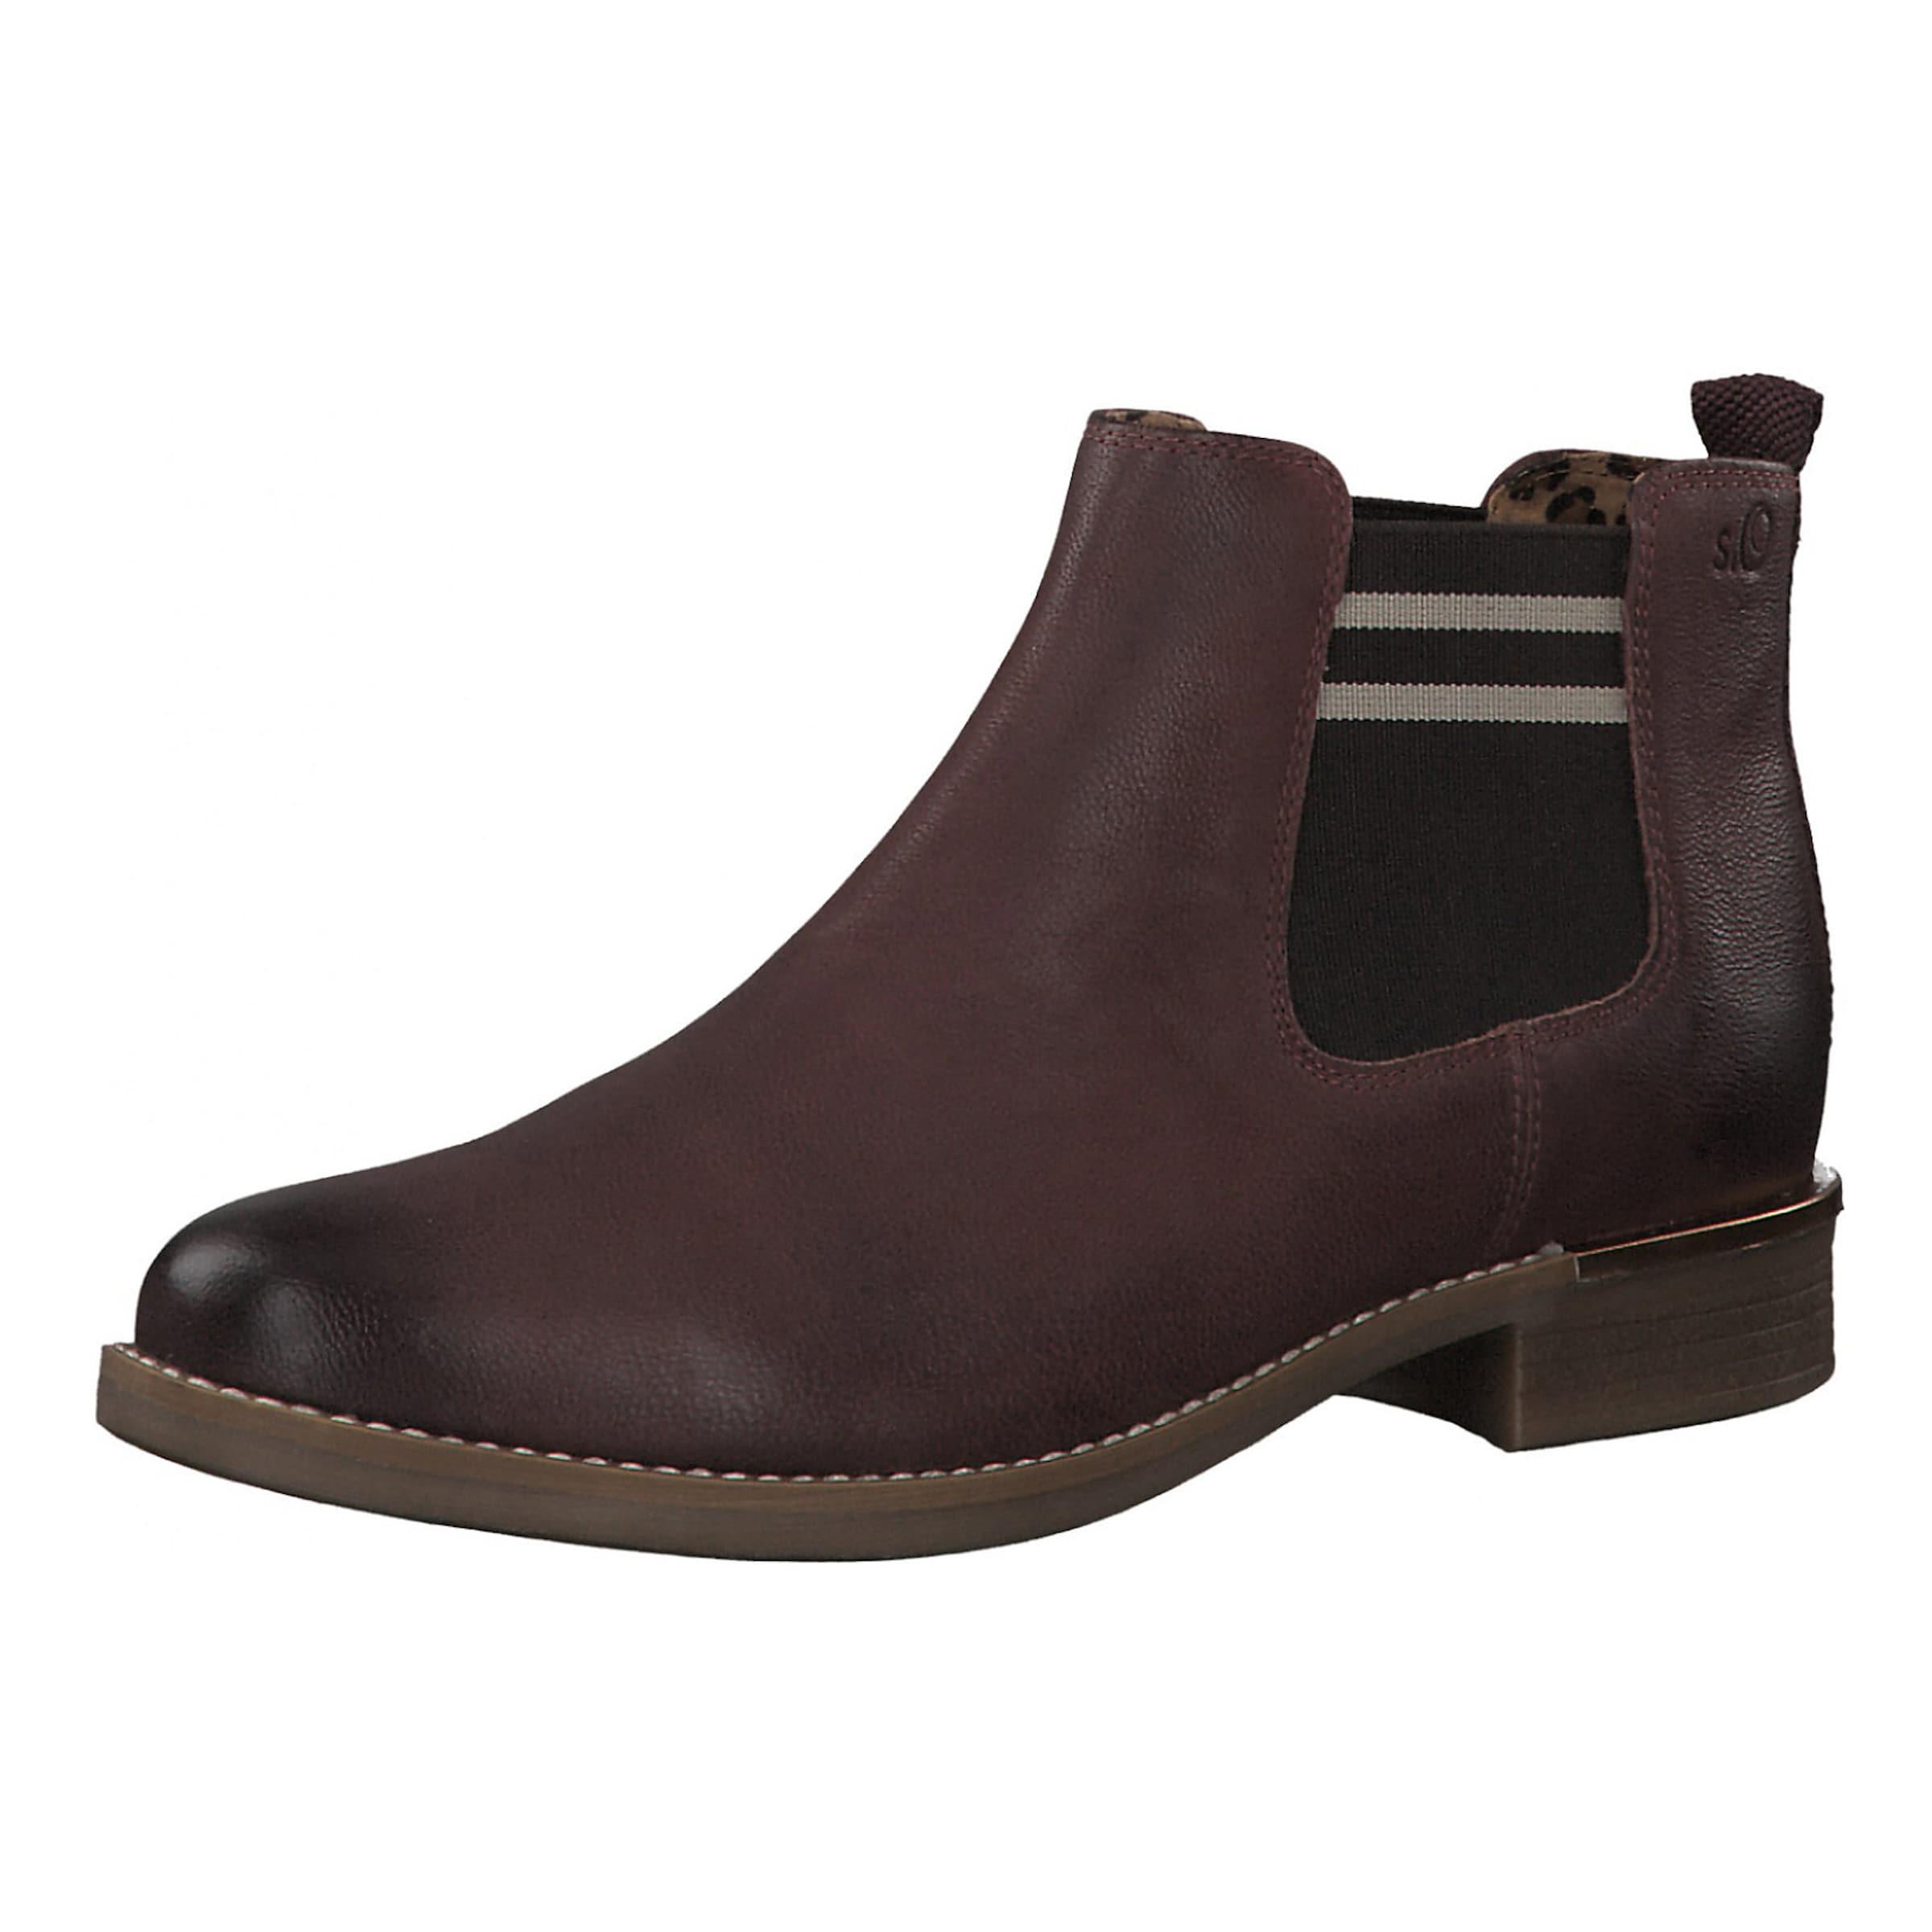 S Chelsea Eierschale oliver RotviolettSchwarz Boots In CxtshrdQ